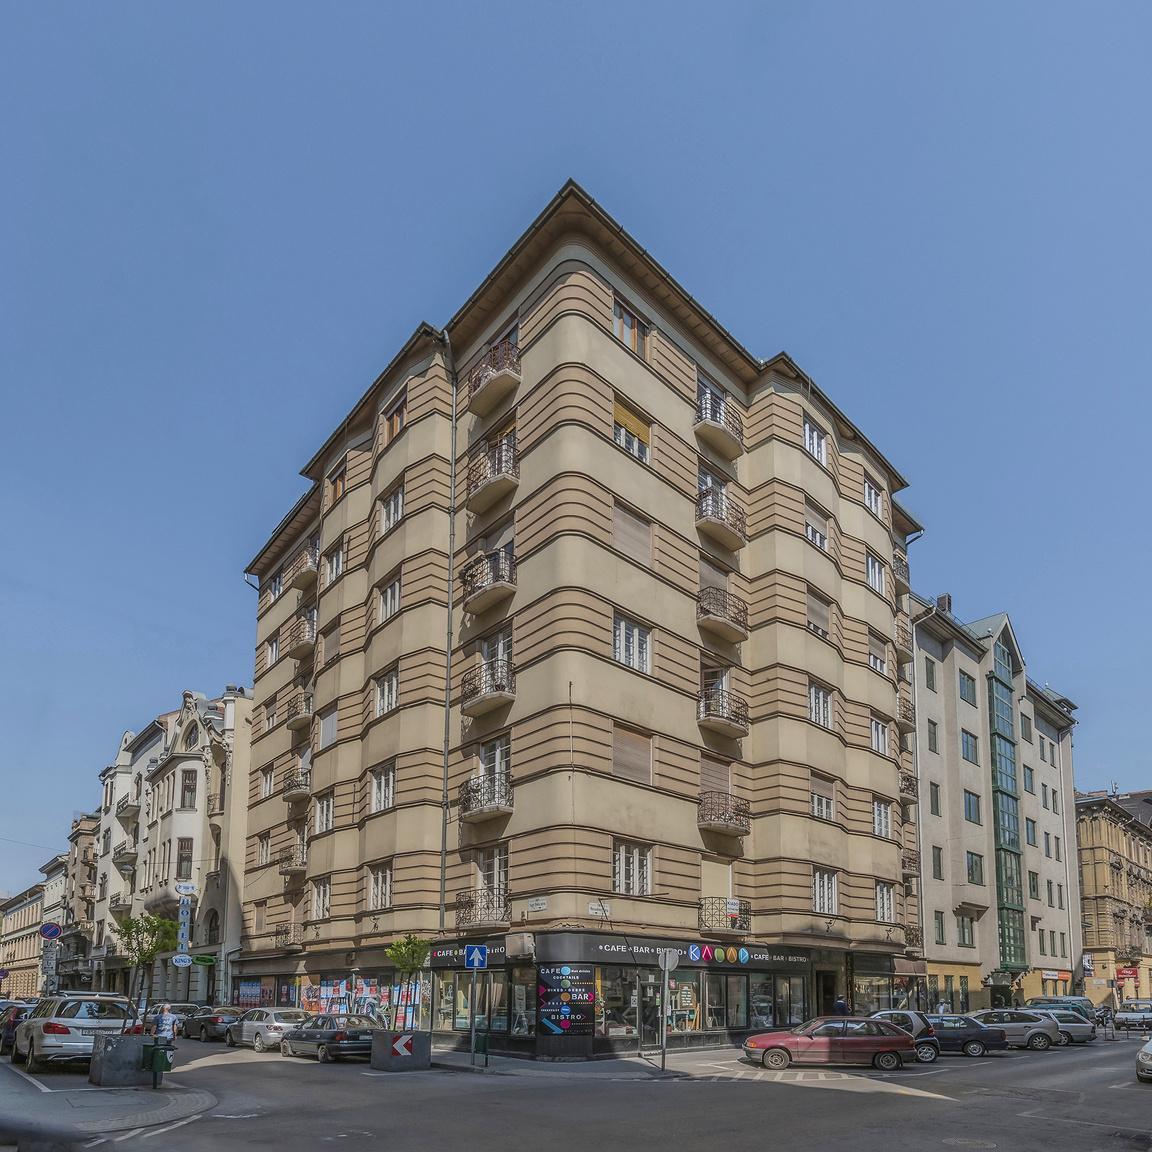 8. VII. ker., Wesselényi utca 26., lakóház, Barát Béla és Novák Ede, 1929                         A saroképület homlokzatát, amelyben szintenként négy-négy lakás helyezkedik el, töredezett alaprajzú zárt- és nyitott erkélyek tagolják. Az ablakok között a vakolat vízszintesen sávozott, az erkélyek vasrácsa egyszerű geometrikus alakzatokból épül fel. A kapuzat kovácsoltvas rácsának mintázata a párizsi art deco hatását mutatja. A lépcsőházat nagyrészt antik jellegű szalagdíszek keretezik, viszont a mennyezeti stukkó-rozetta körvonala cikcakk alakú.